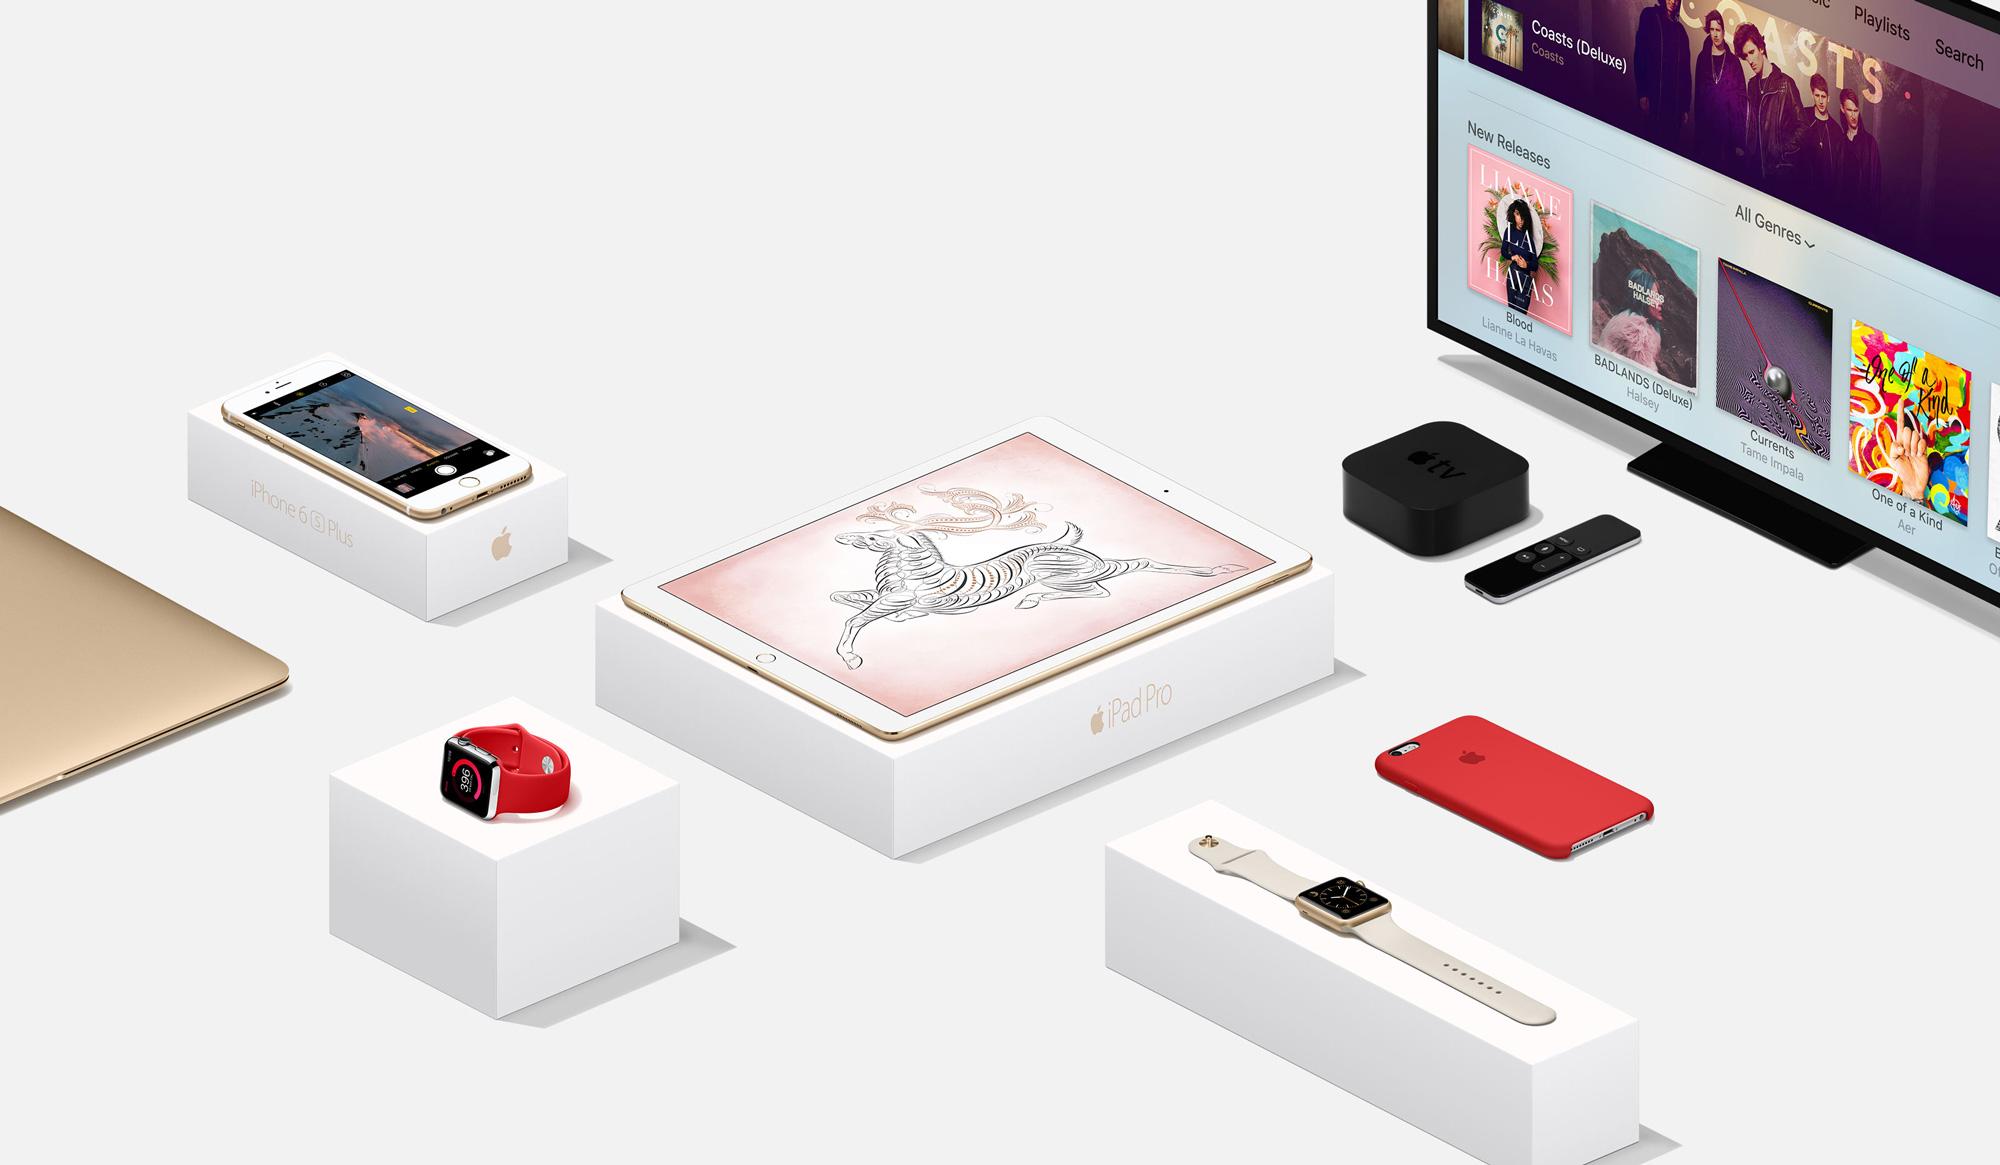 I Migliori Regali Per Natale.I Migliori Regali Apple 5 Idee Regalo Per Natale 2016